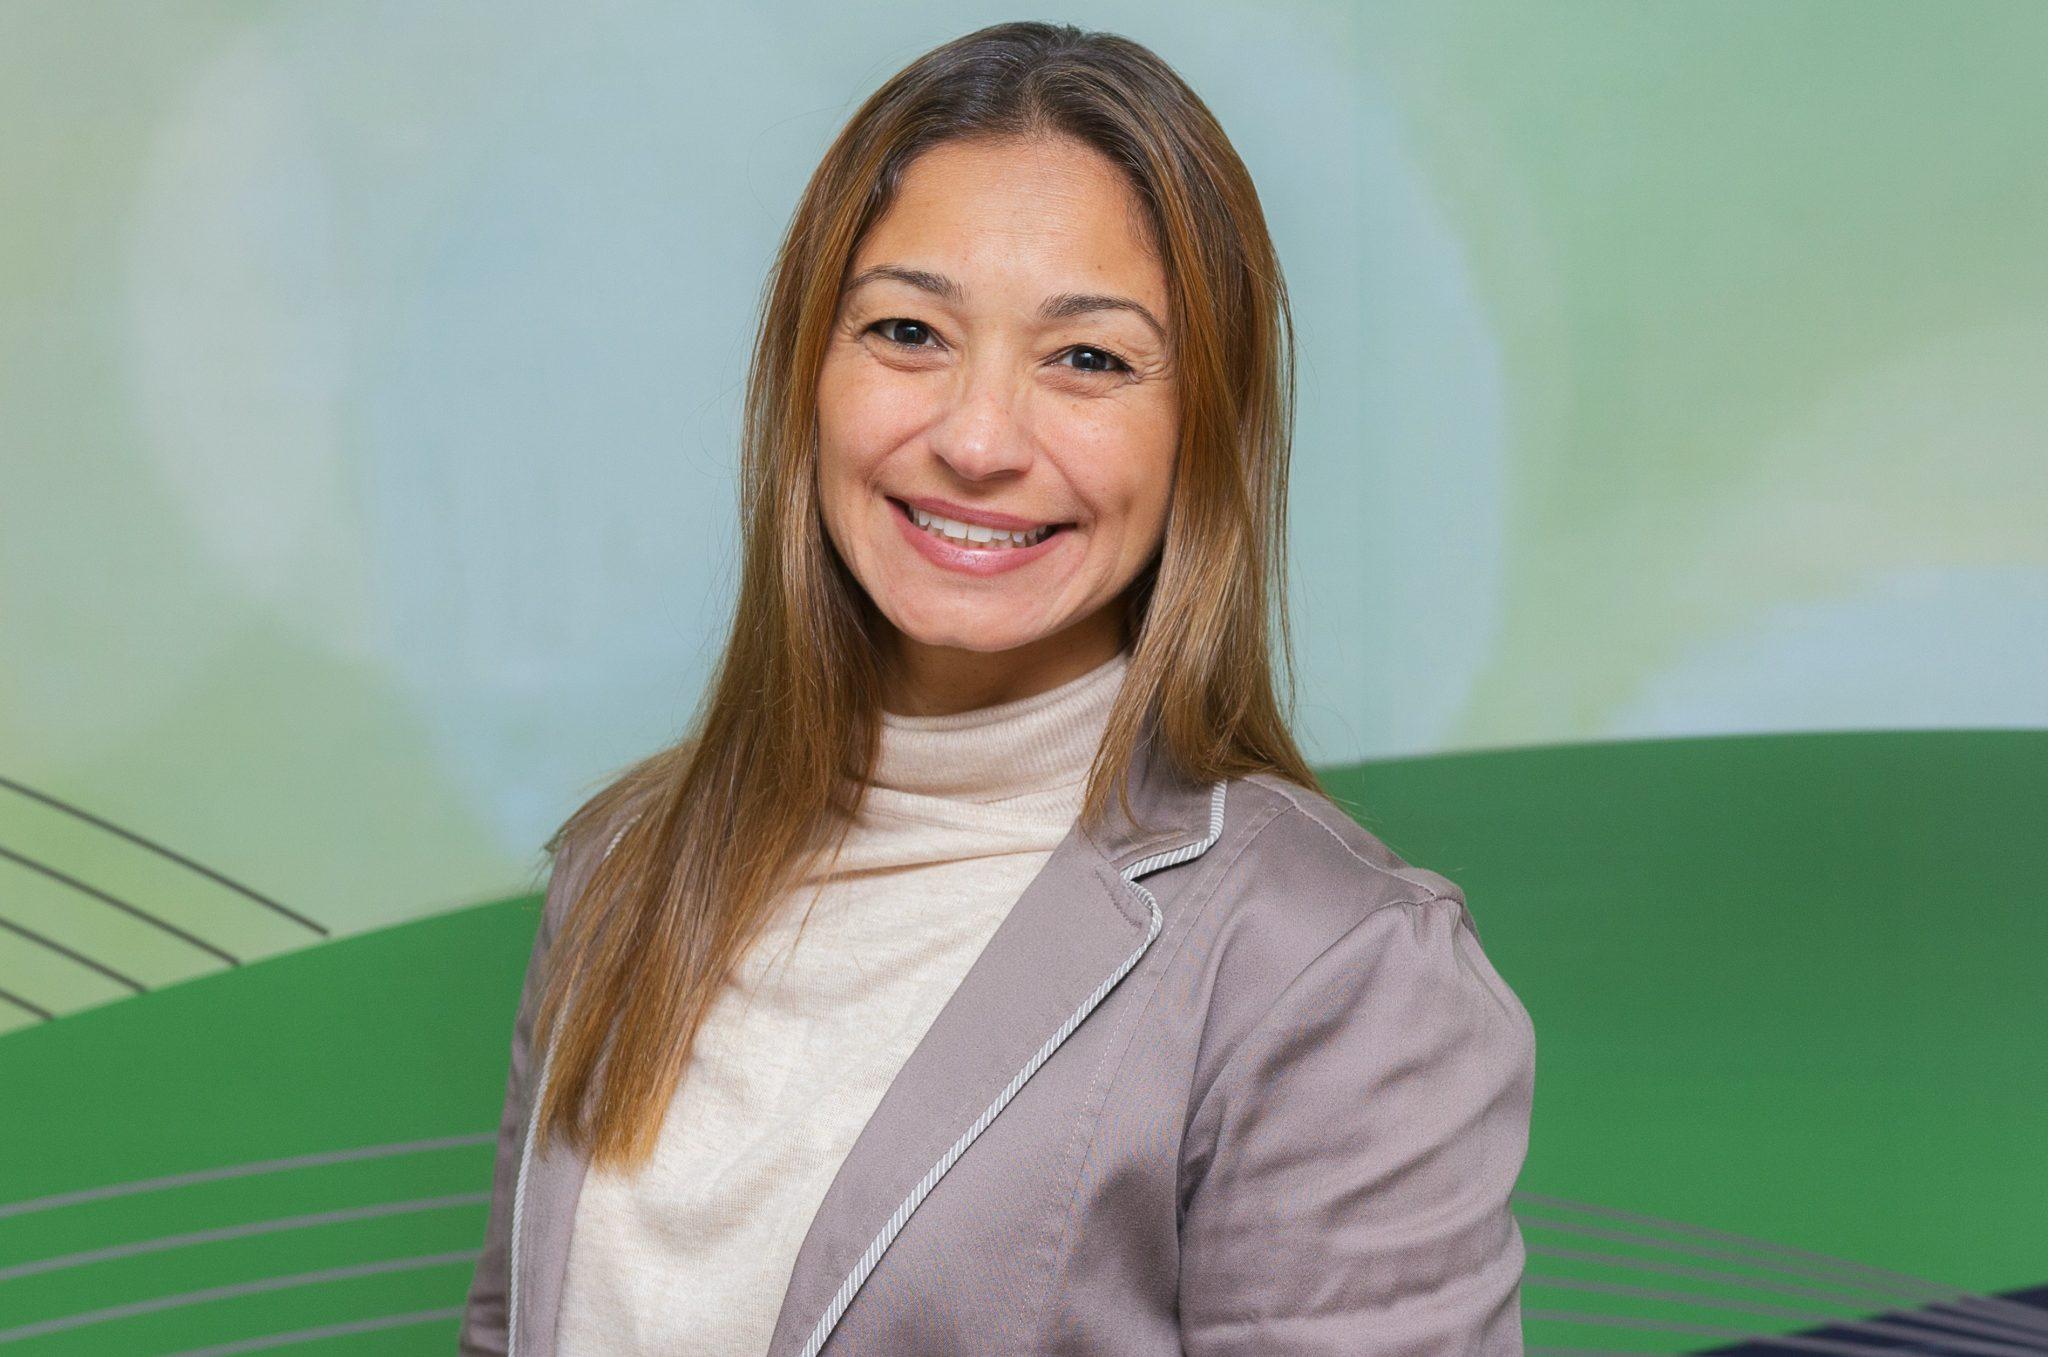 Fernanda fala sobre a importância dos pontos de venda para os produtos de beleza